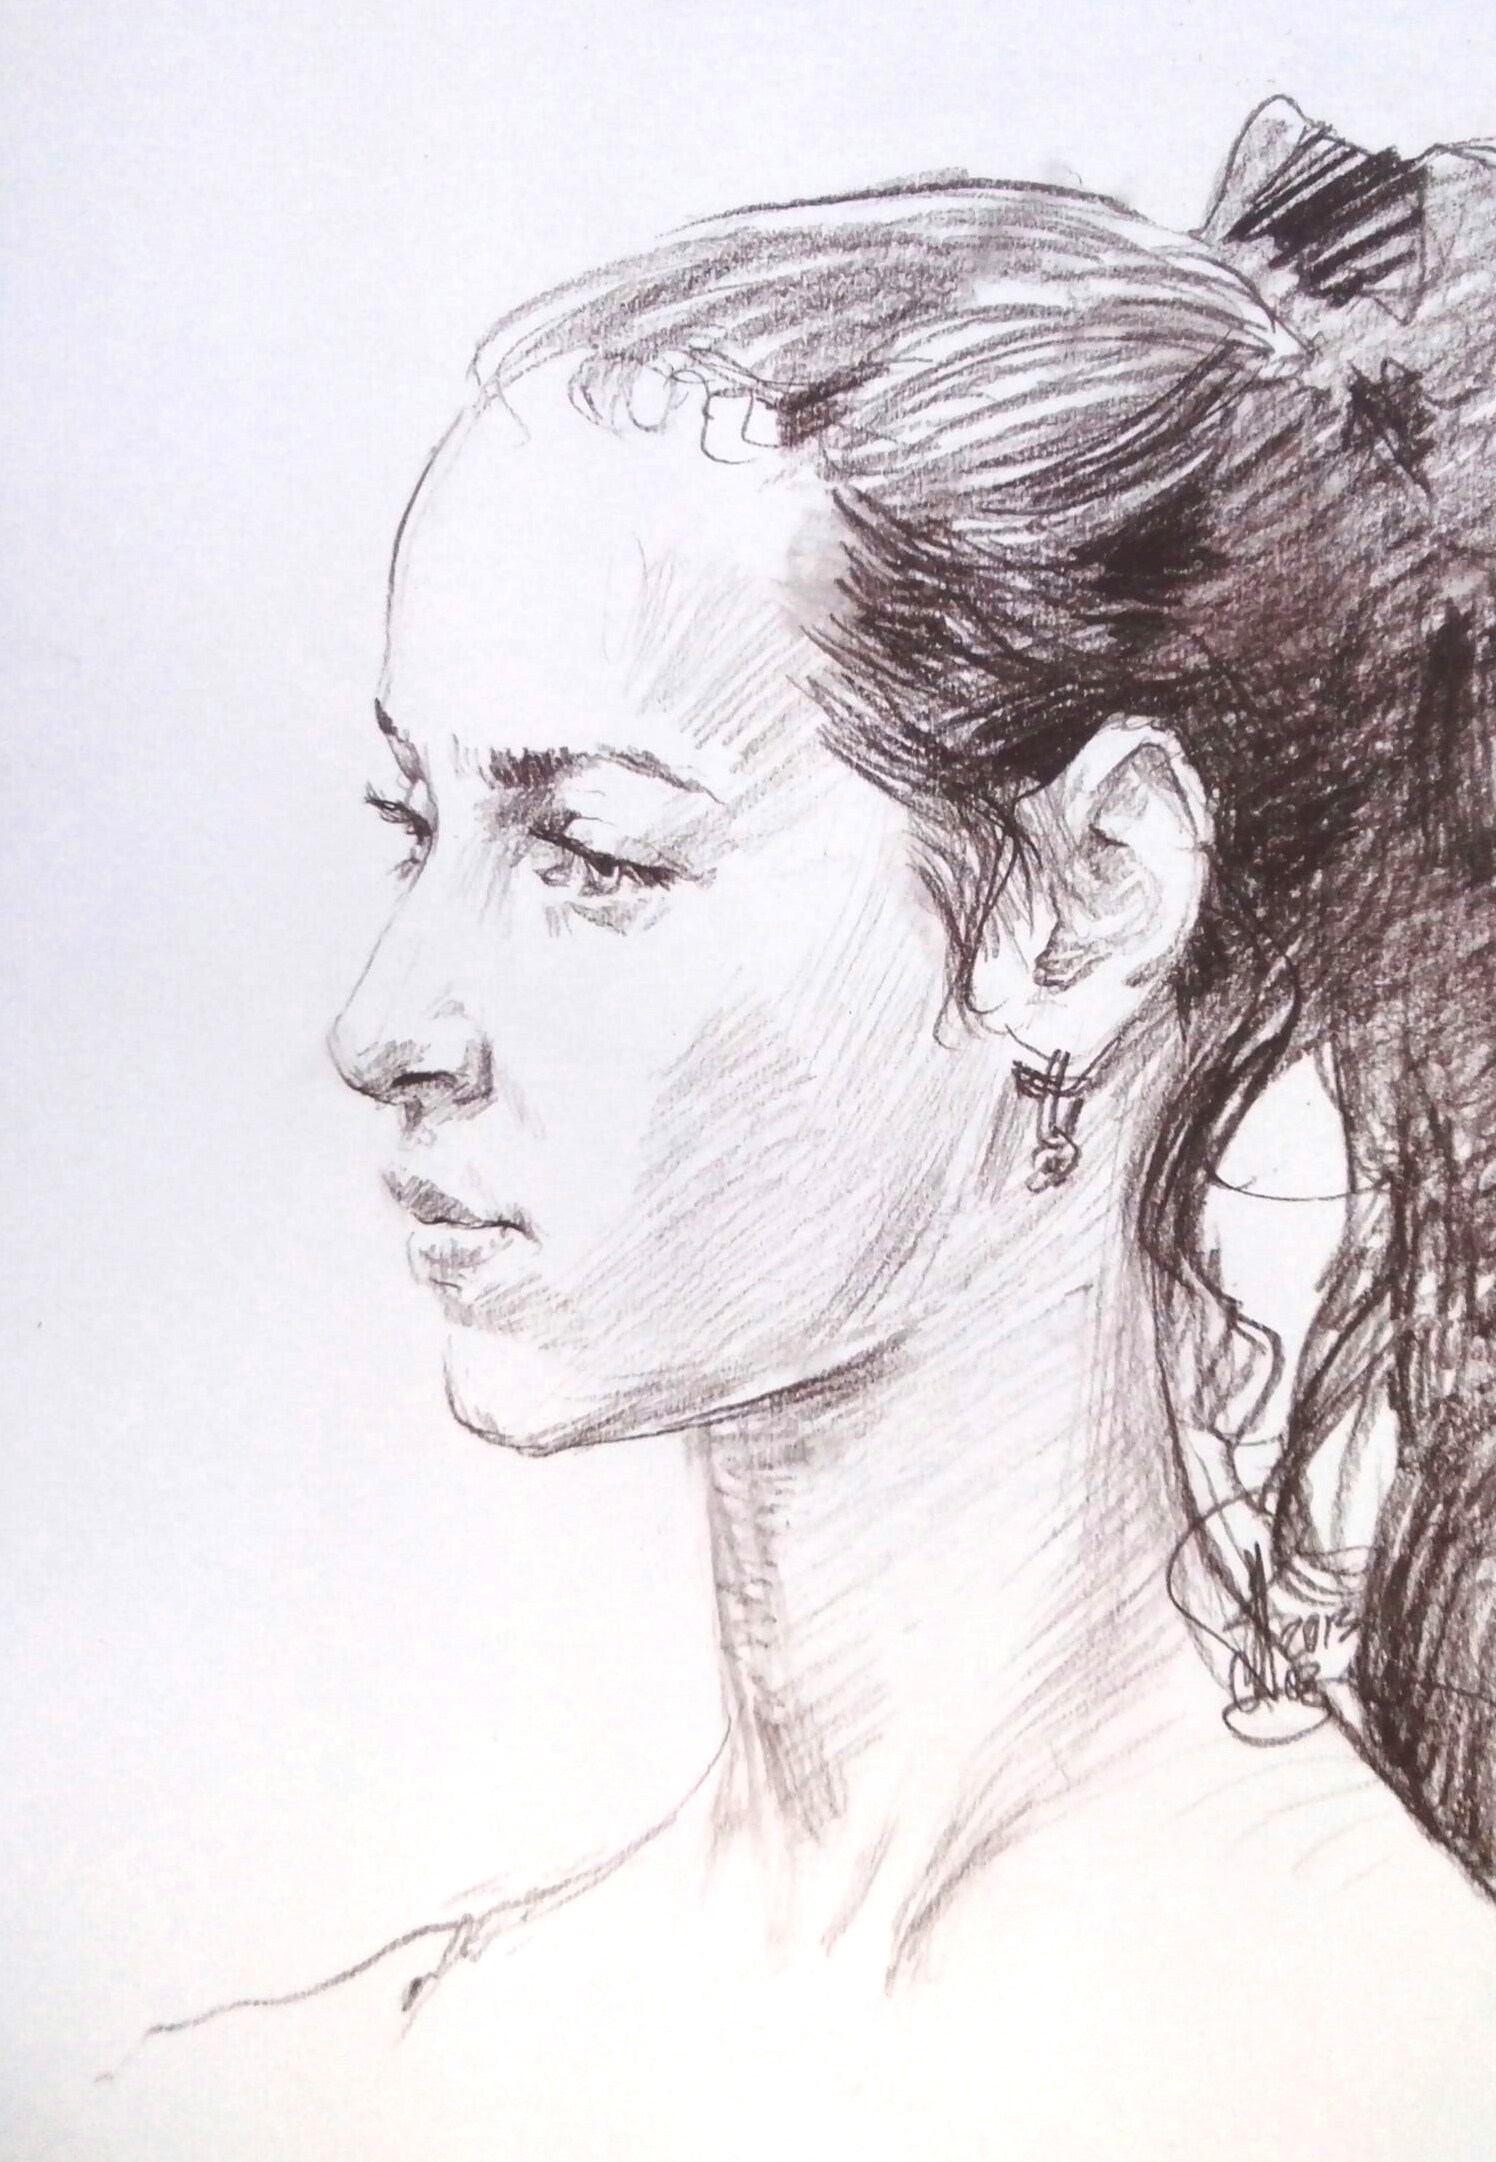 ... в карандаше). Классический портрет: alexej-tochin.narod.ru/photo/portret/pencil/1-2-0-0-2